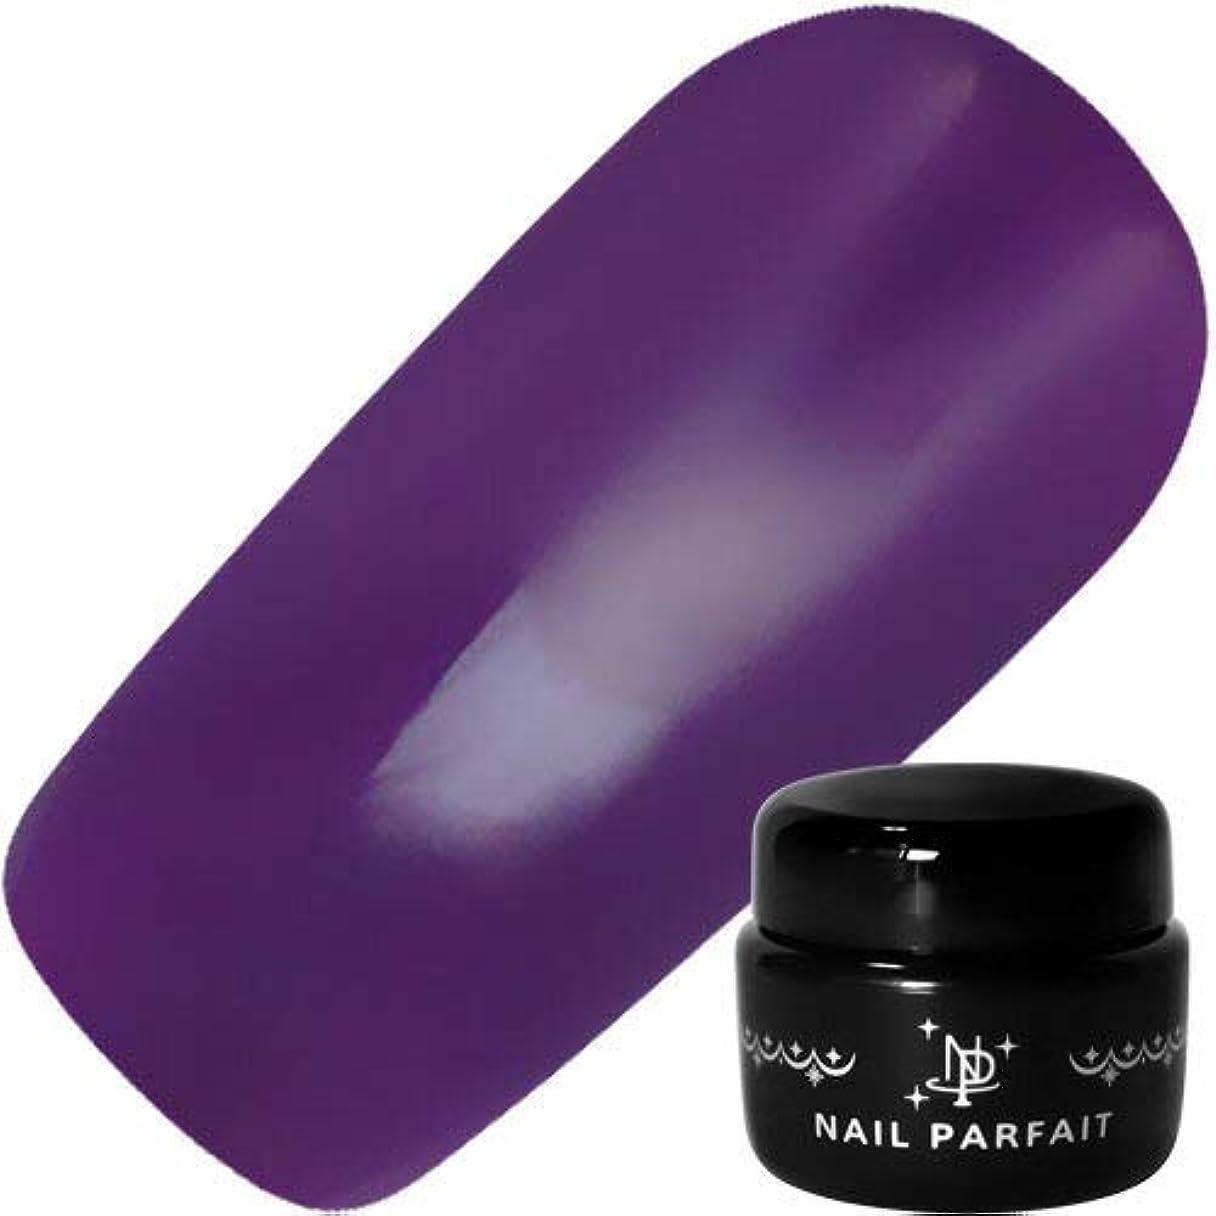 行列変化するプレゼンNAIL PARFAIT ネイルパフェ カラージェル A44京紫 2g 【ジェル/カラージェル?ネイル用品】